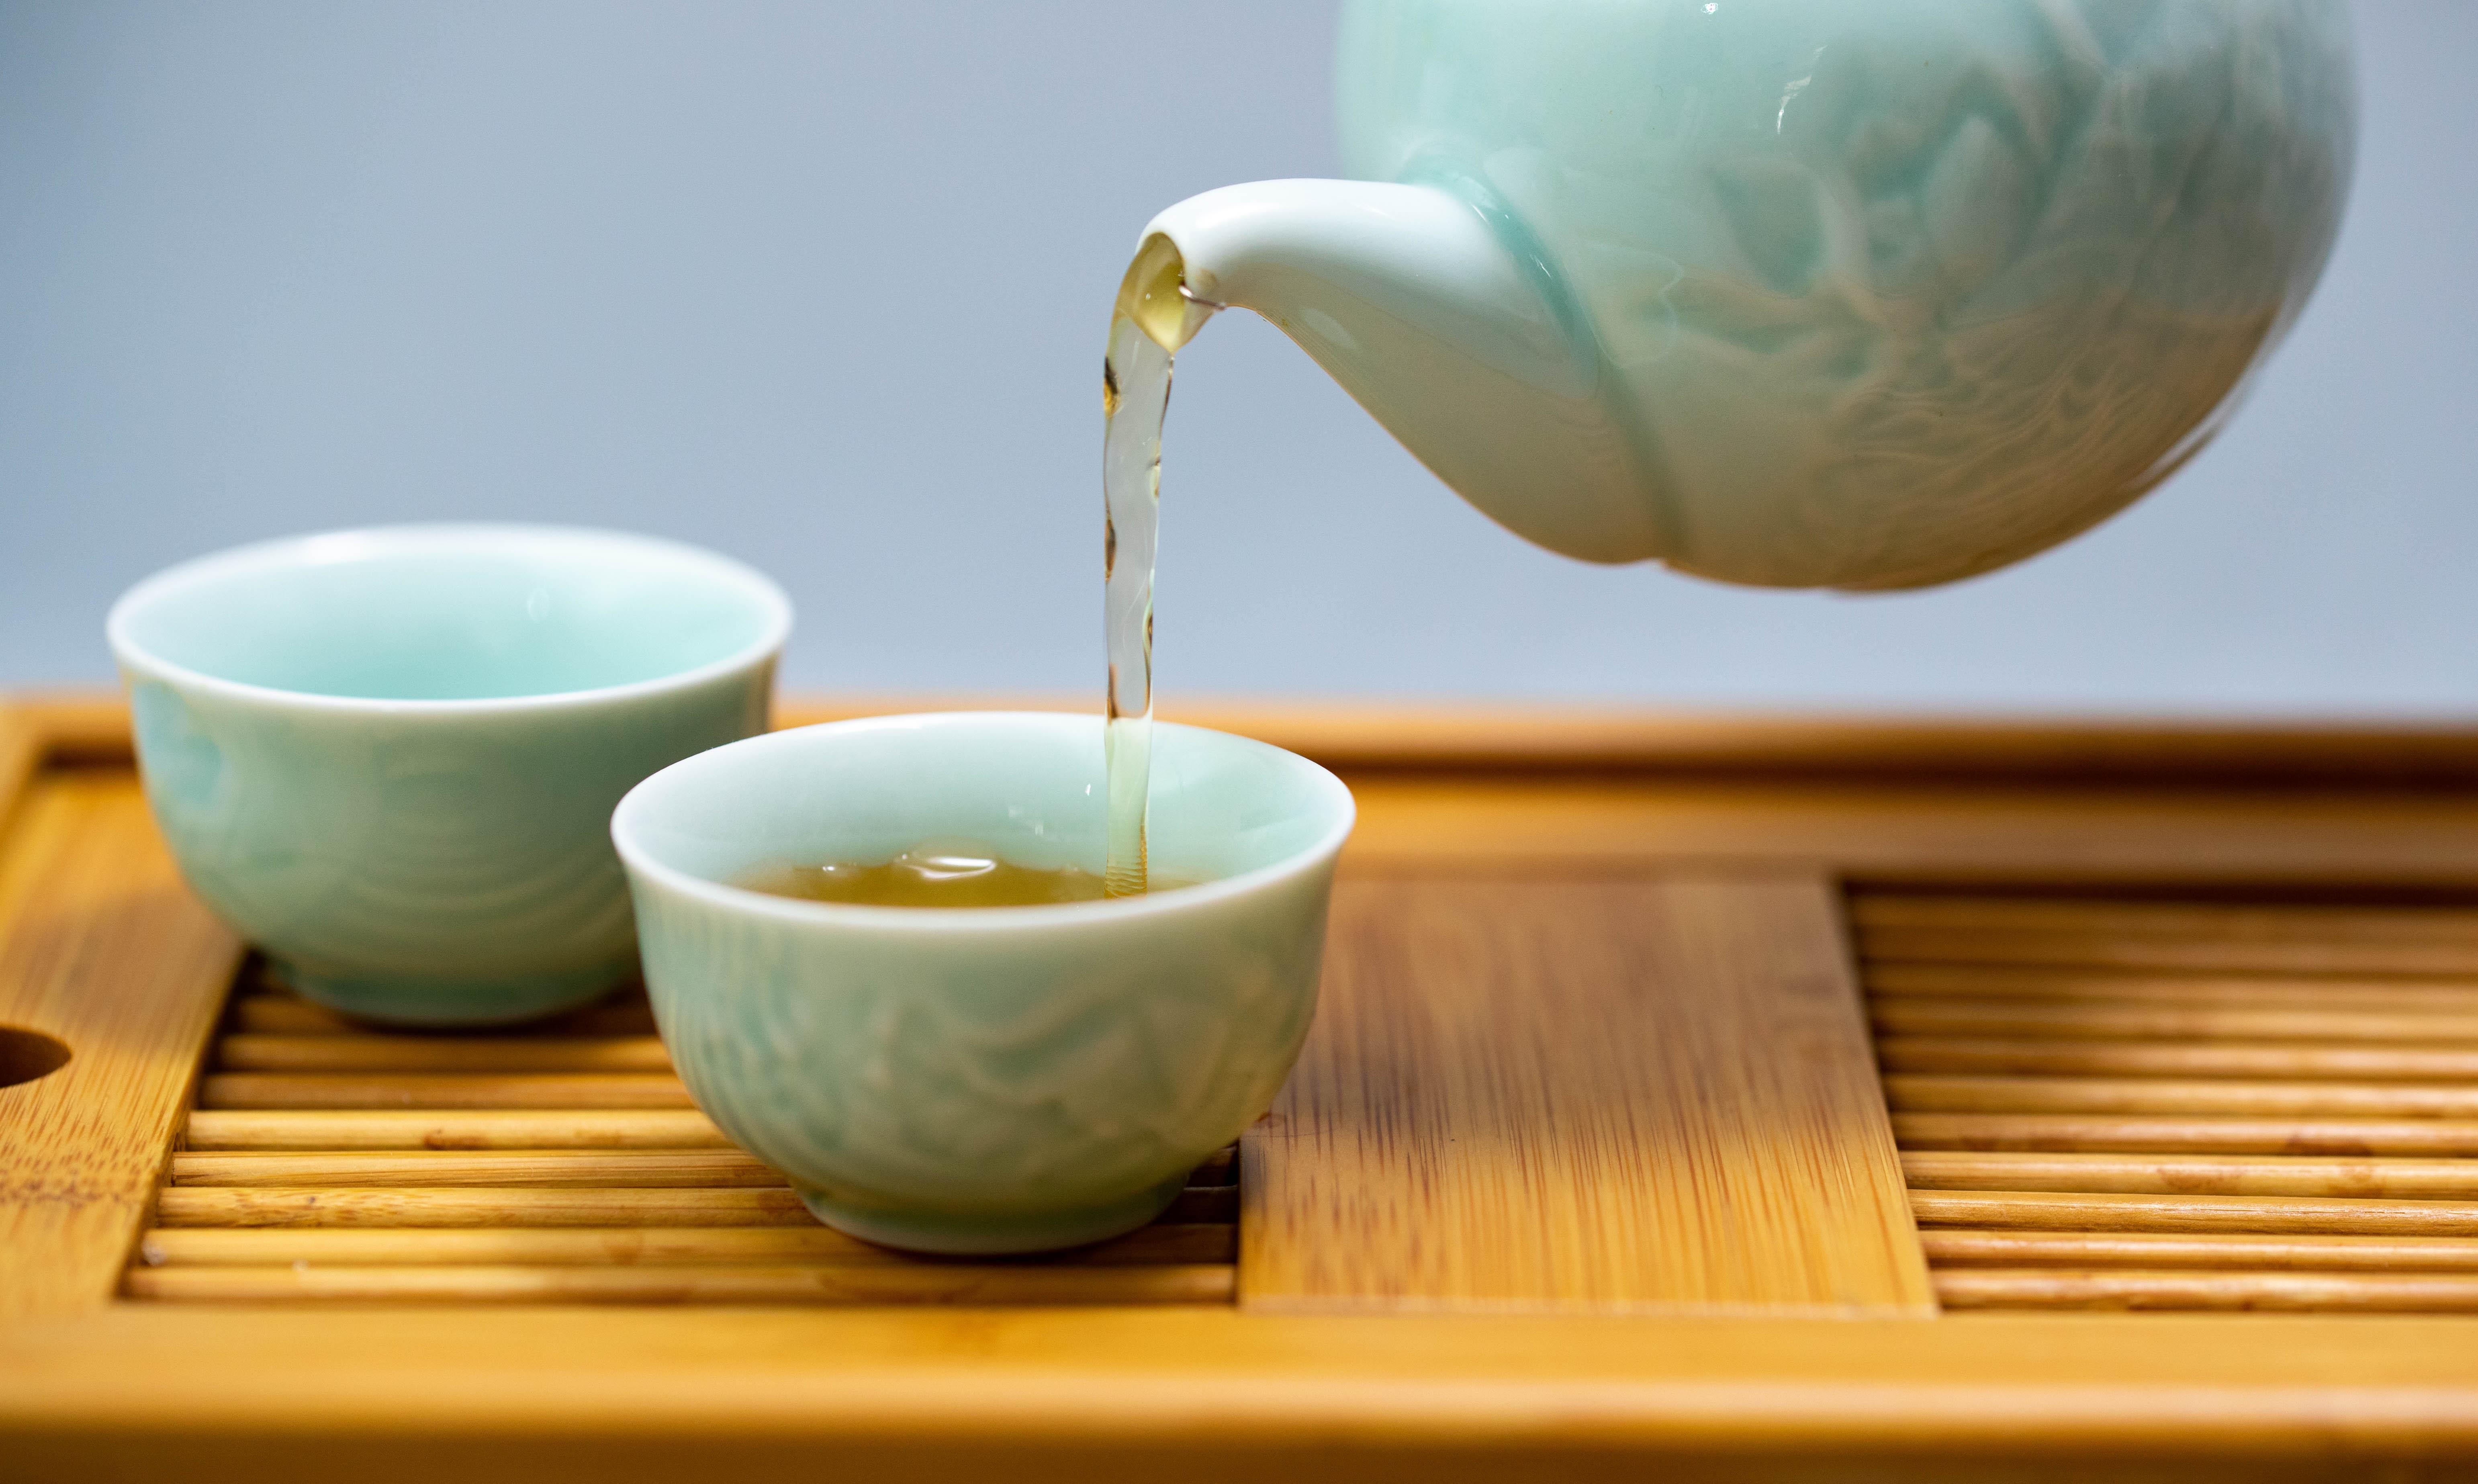 おうち時間で何をする?台湾茶器で大人の贅沢時間を過ごそう